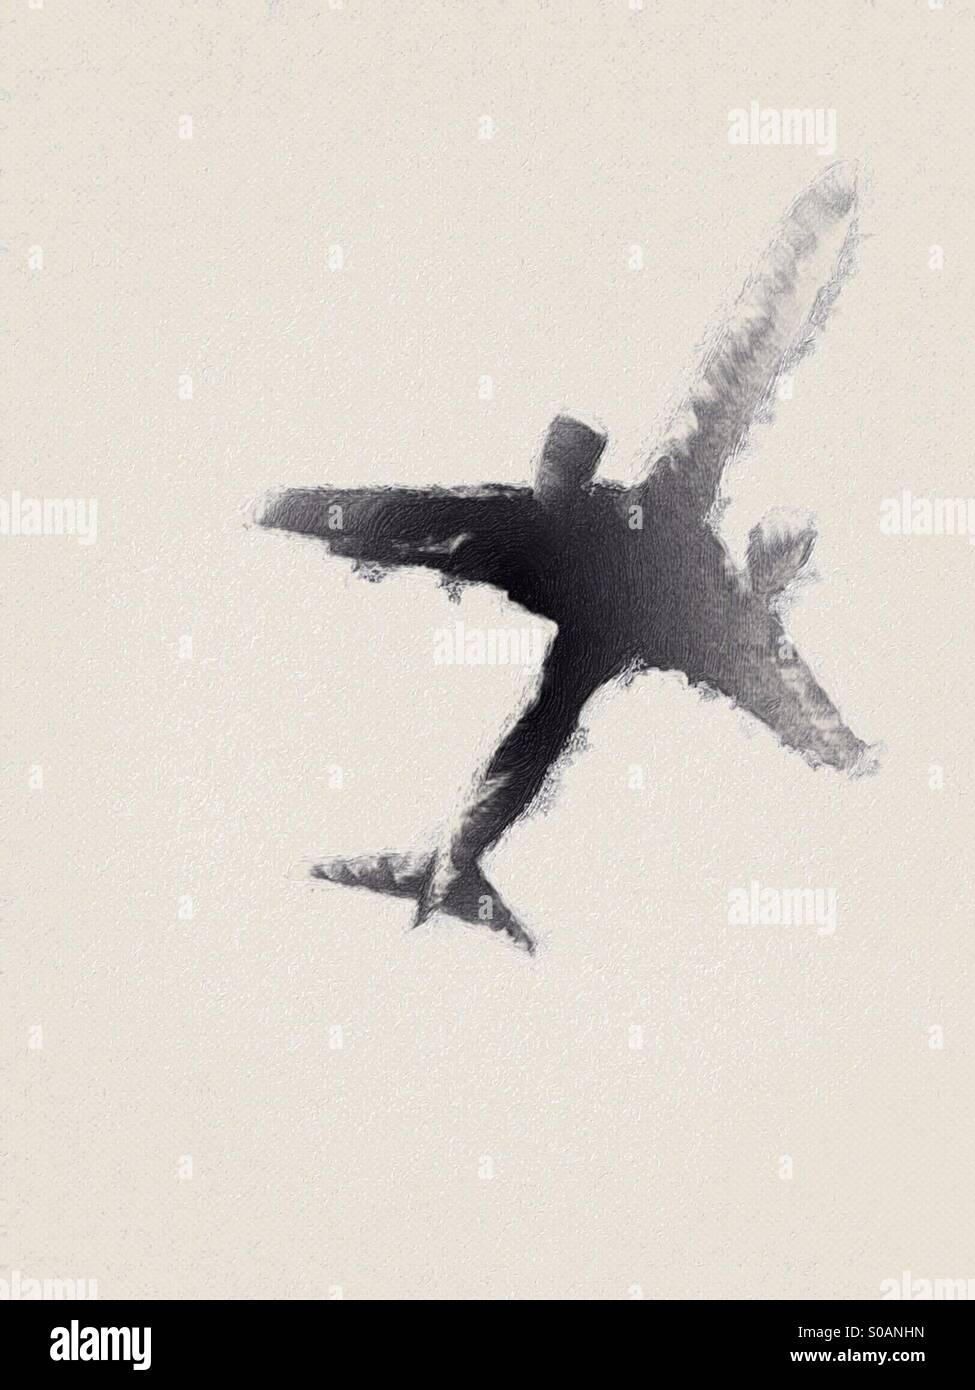 Ilustración de un estilo abstracto baja volando aviones de pasajeros. Imagen De Stock